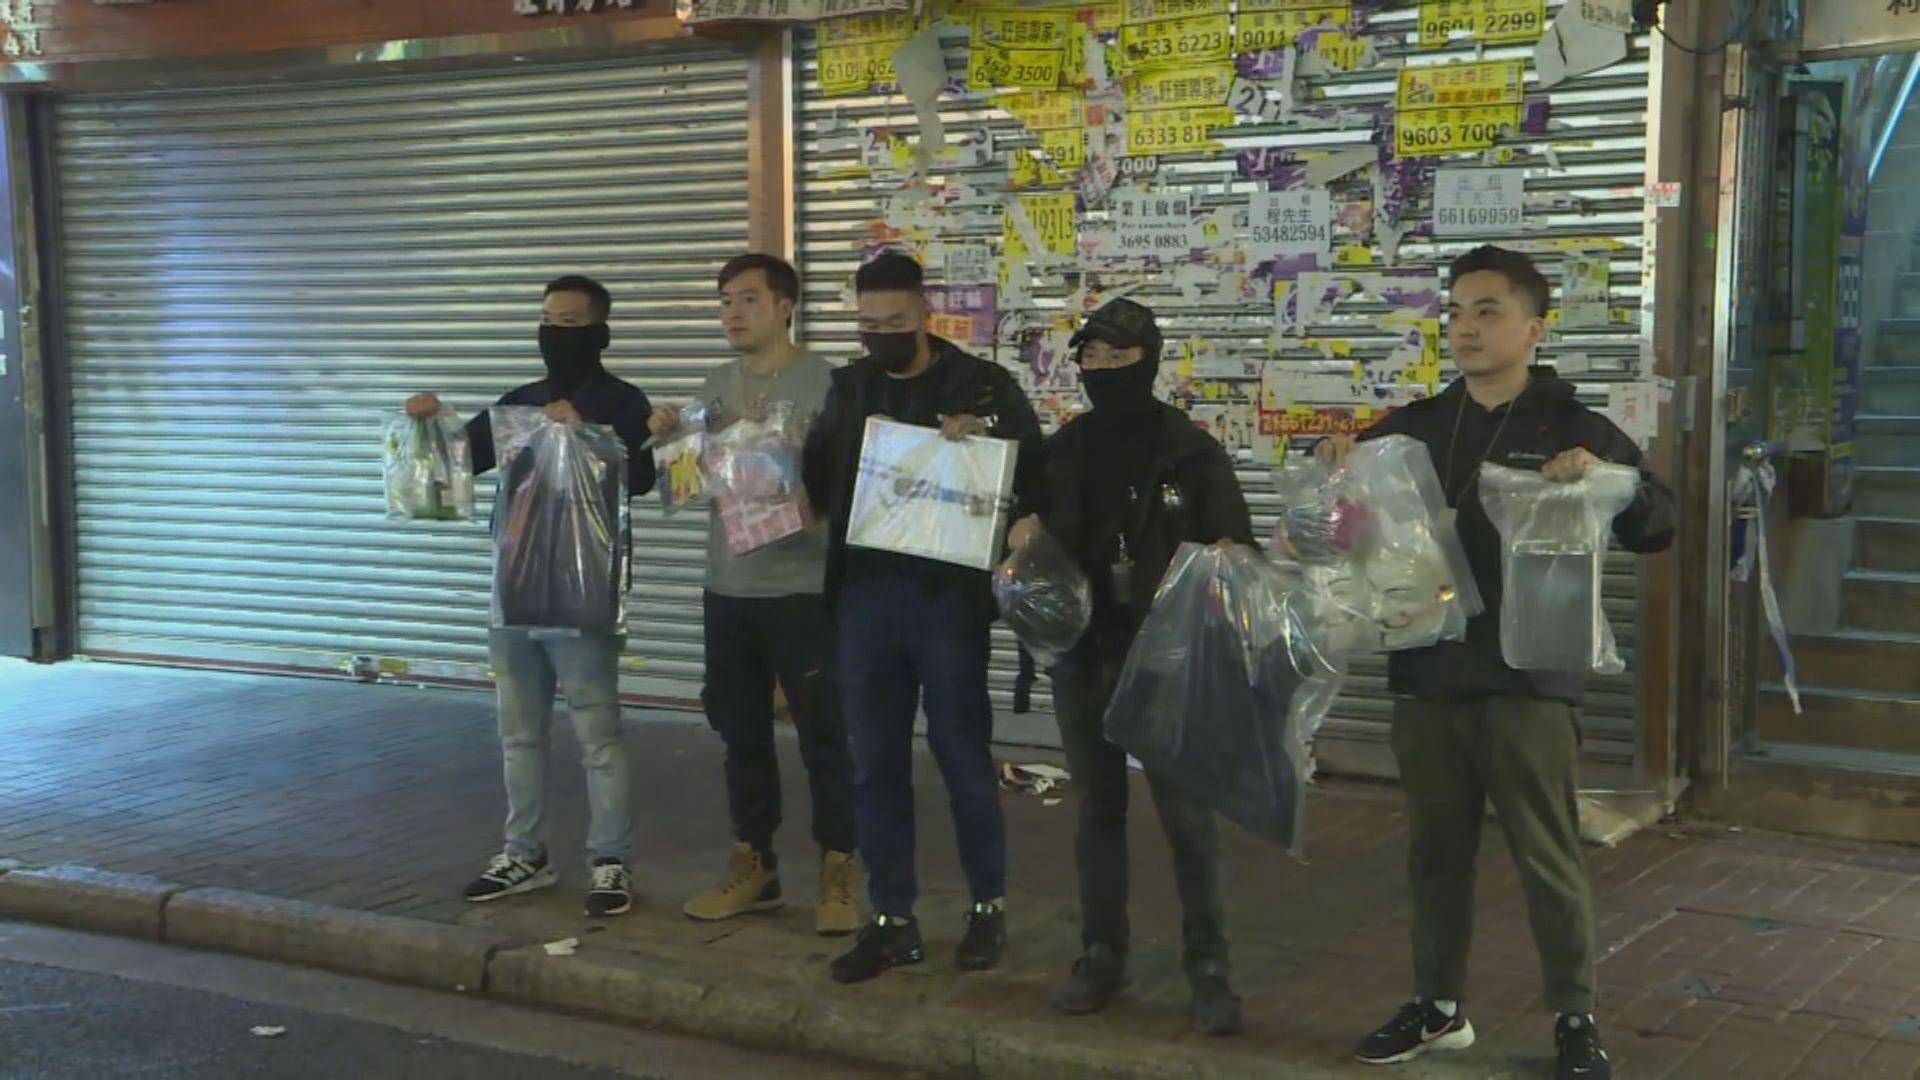 旺角發現懷疑爆炸品 警方拘捕四名涉案男子